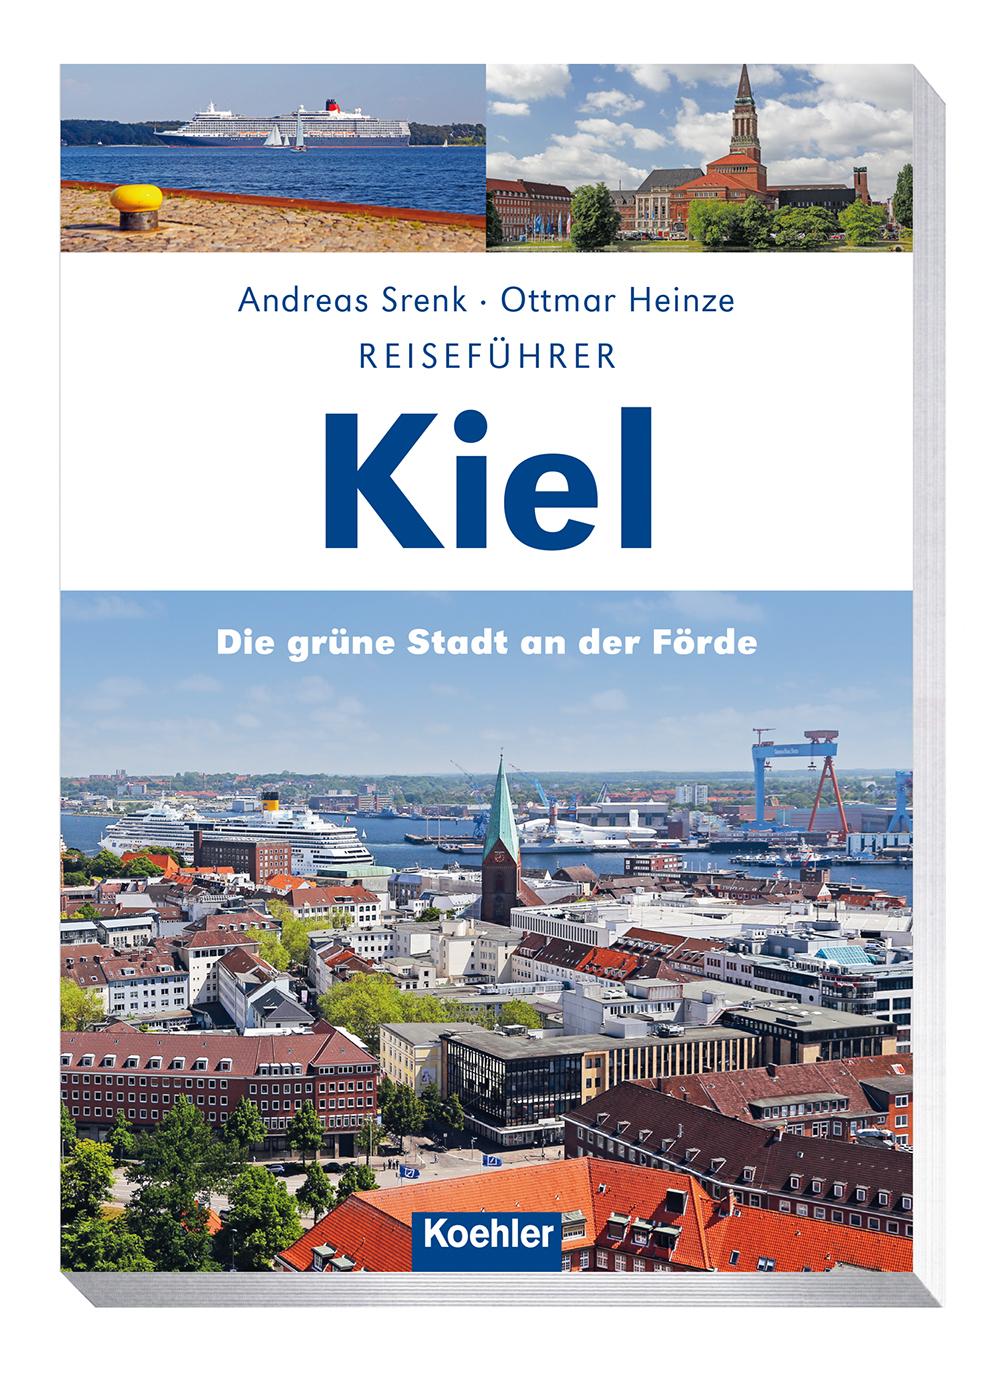 Andreas Srenk Ottmar Heinze Reiseführer Kiel Die grüne Stadt an der Förde Cover Download